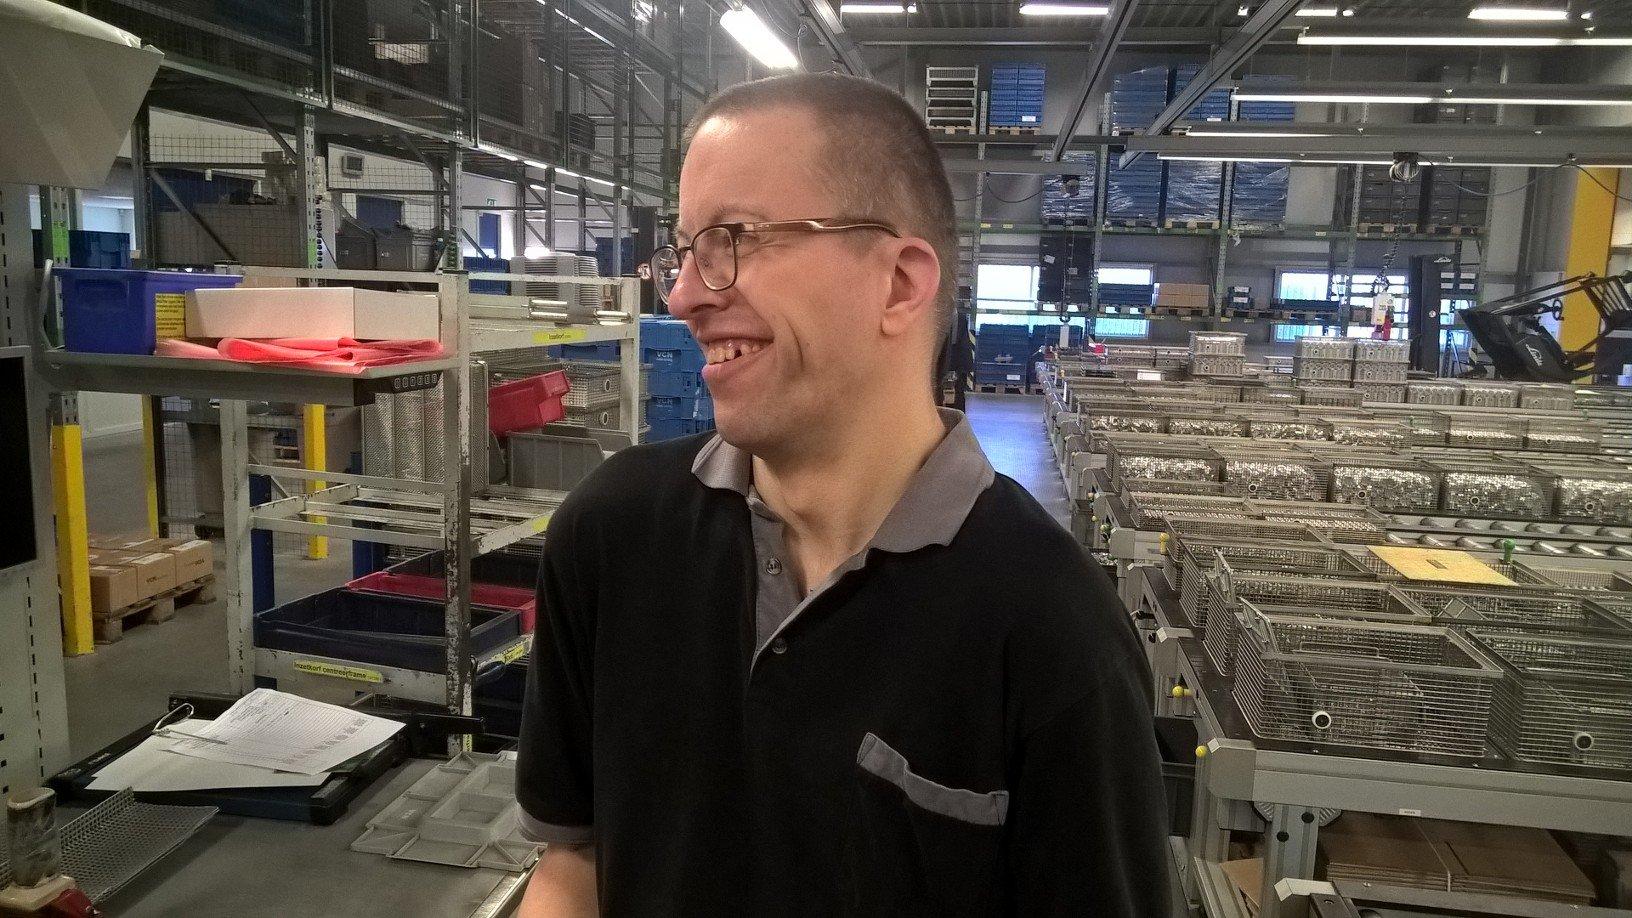 82biedveelspermaaan uit Drenthe,Nederland